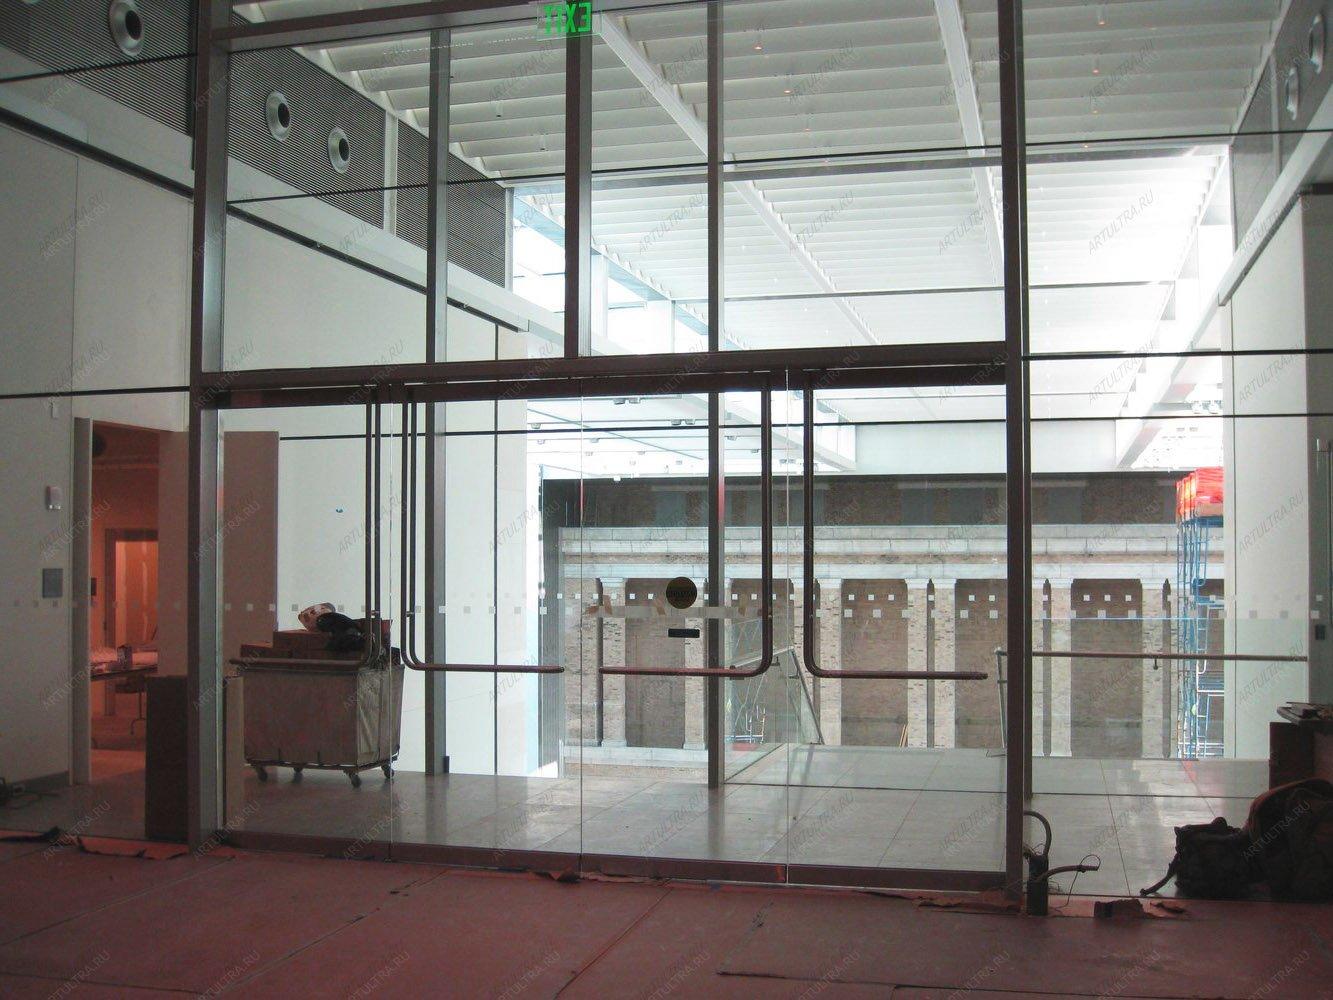 двери входные в торговый центр типа